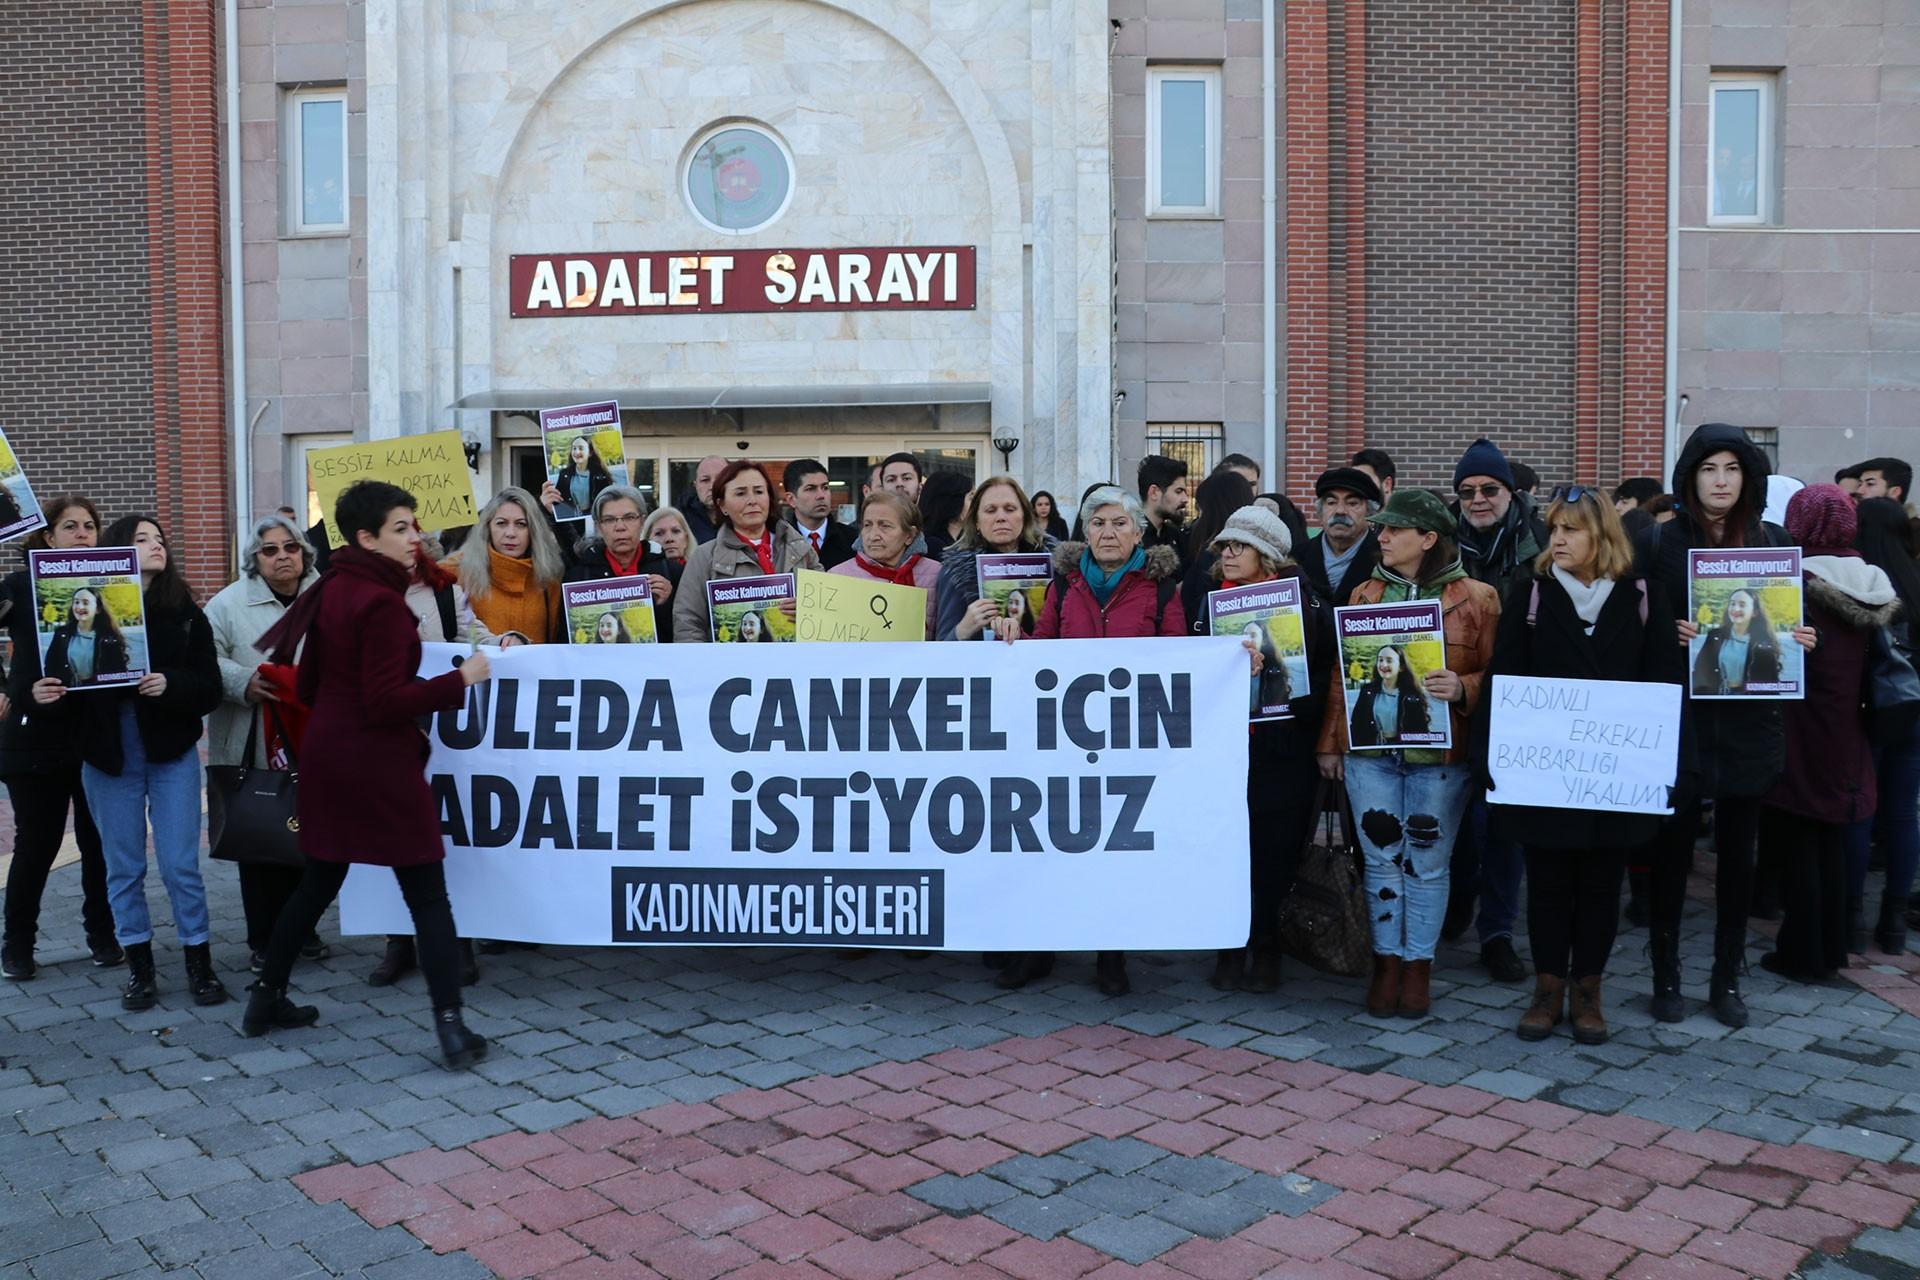 Güleda Cankel davası için Isparta Adalet Sarayı önünde toplanan kadınlar